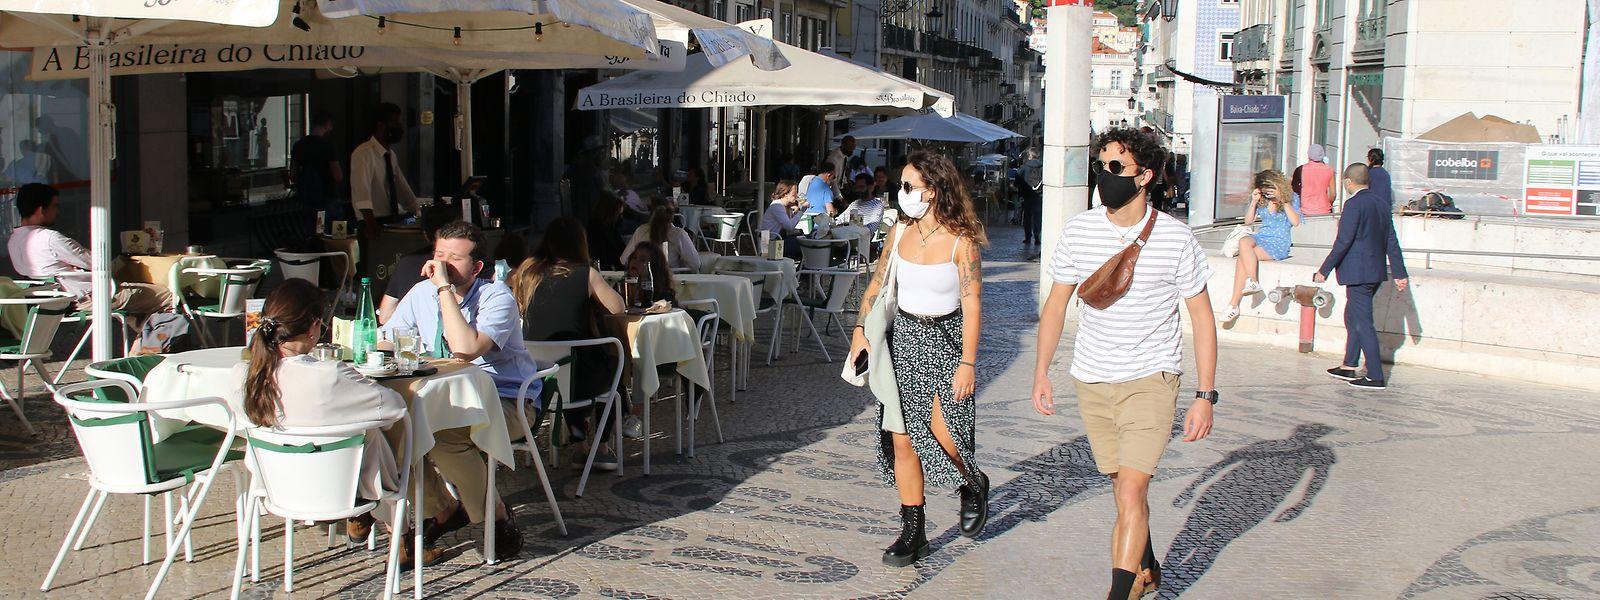 Langsam füllen sich Lissabons Straßen wieder. Die Cafés und Restaurants freuen sich auf die Besucher – und die dürften bald kommen, nachdem die portugiesische Regierung kürzlich die Einreisebeschränkungen gelockert hat.